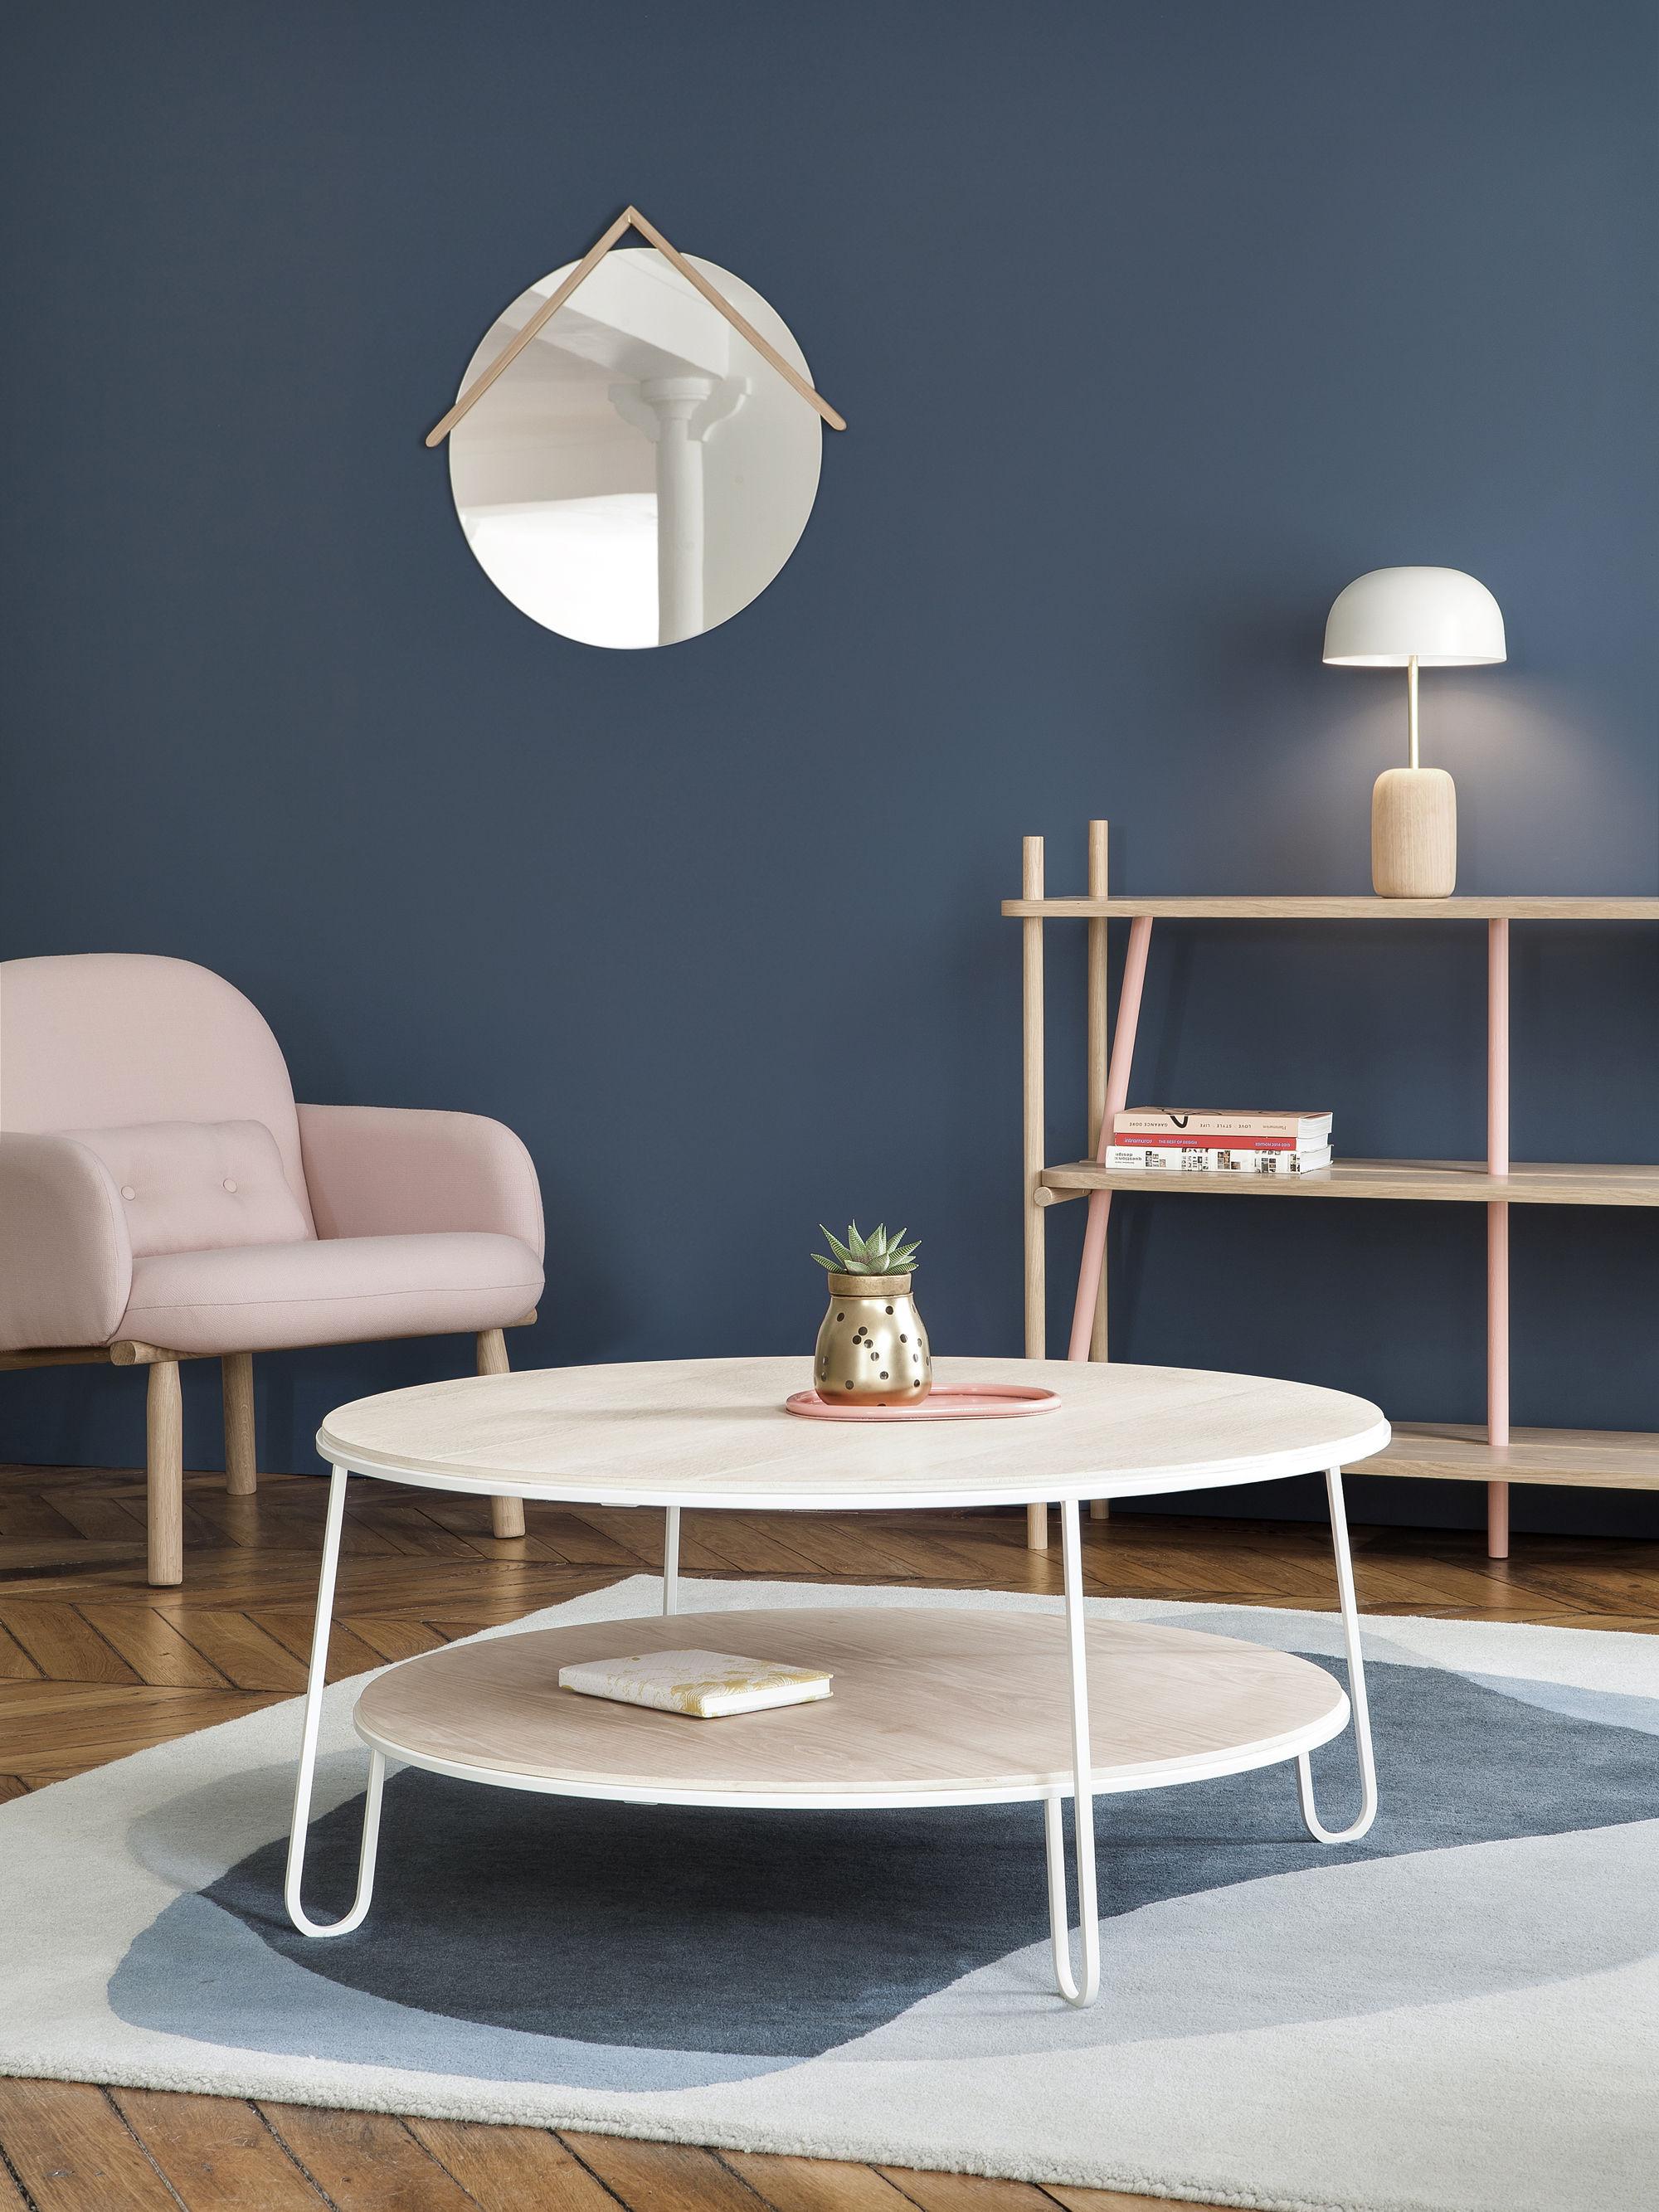 table basse eug nie large 90 marbre blanc marbre hart made in design. Black Bedroom Furniture Sets. Home Design Ideas